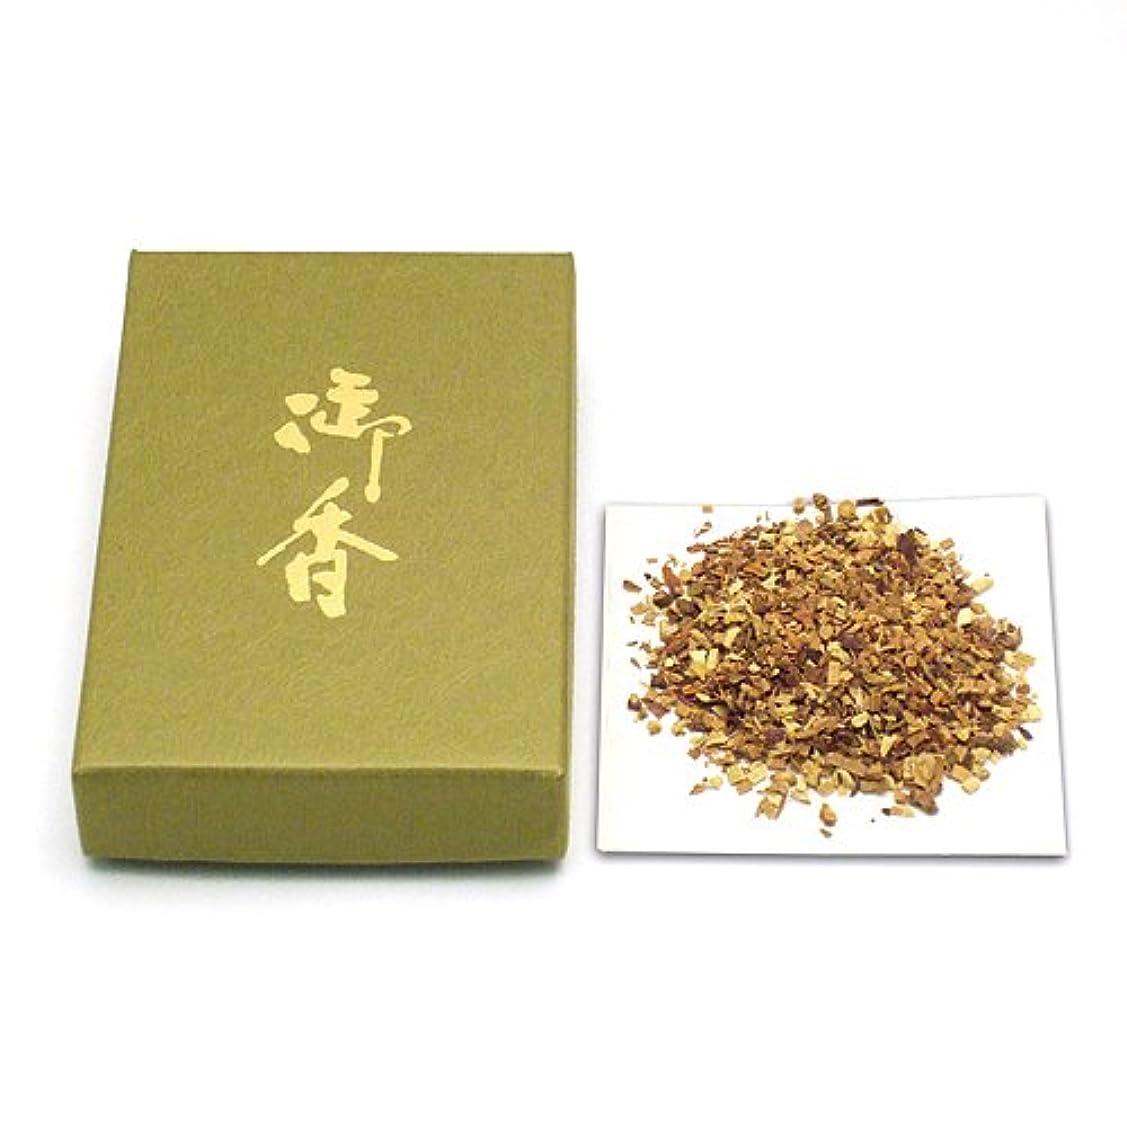 避ける言及する例外焼香用御香 超徳印 25g◆お焼香用の御香